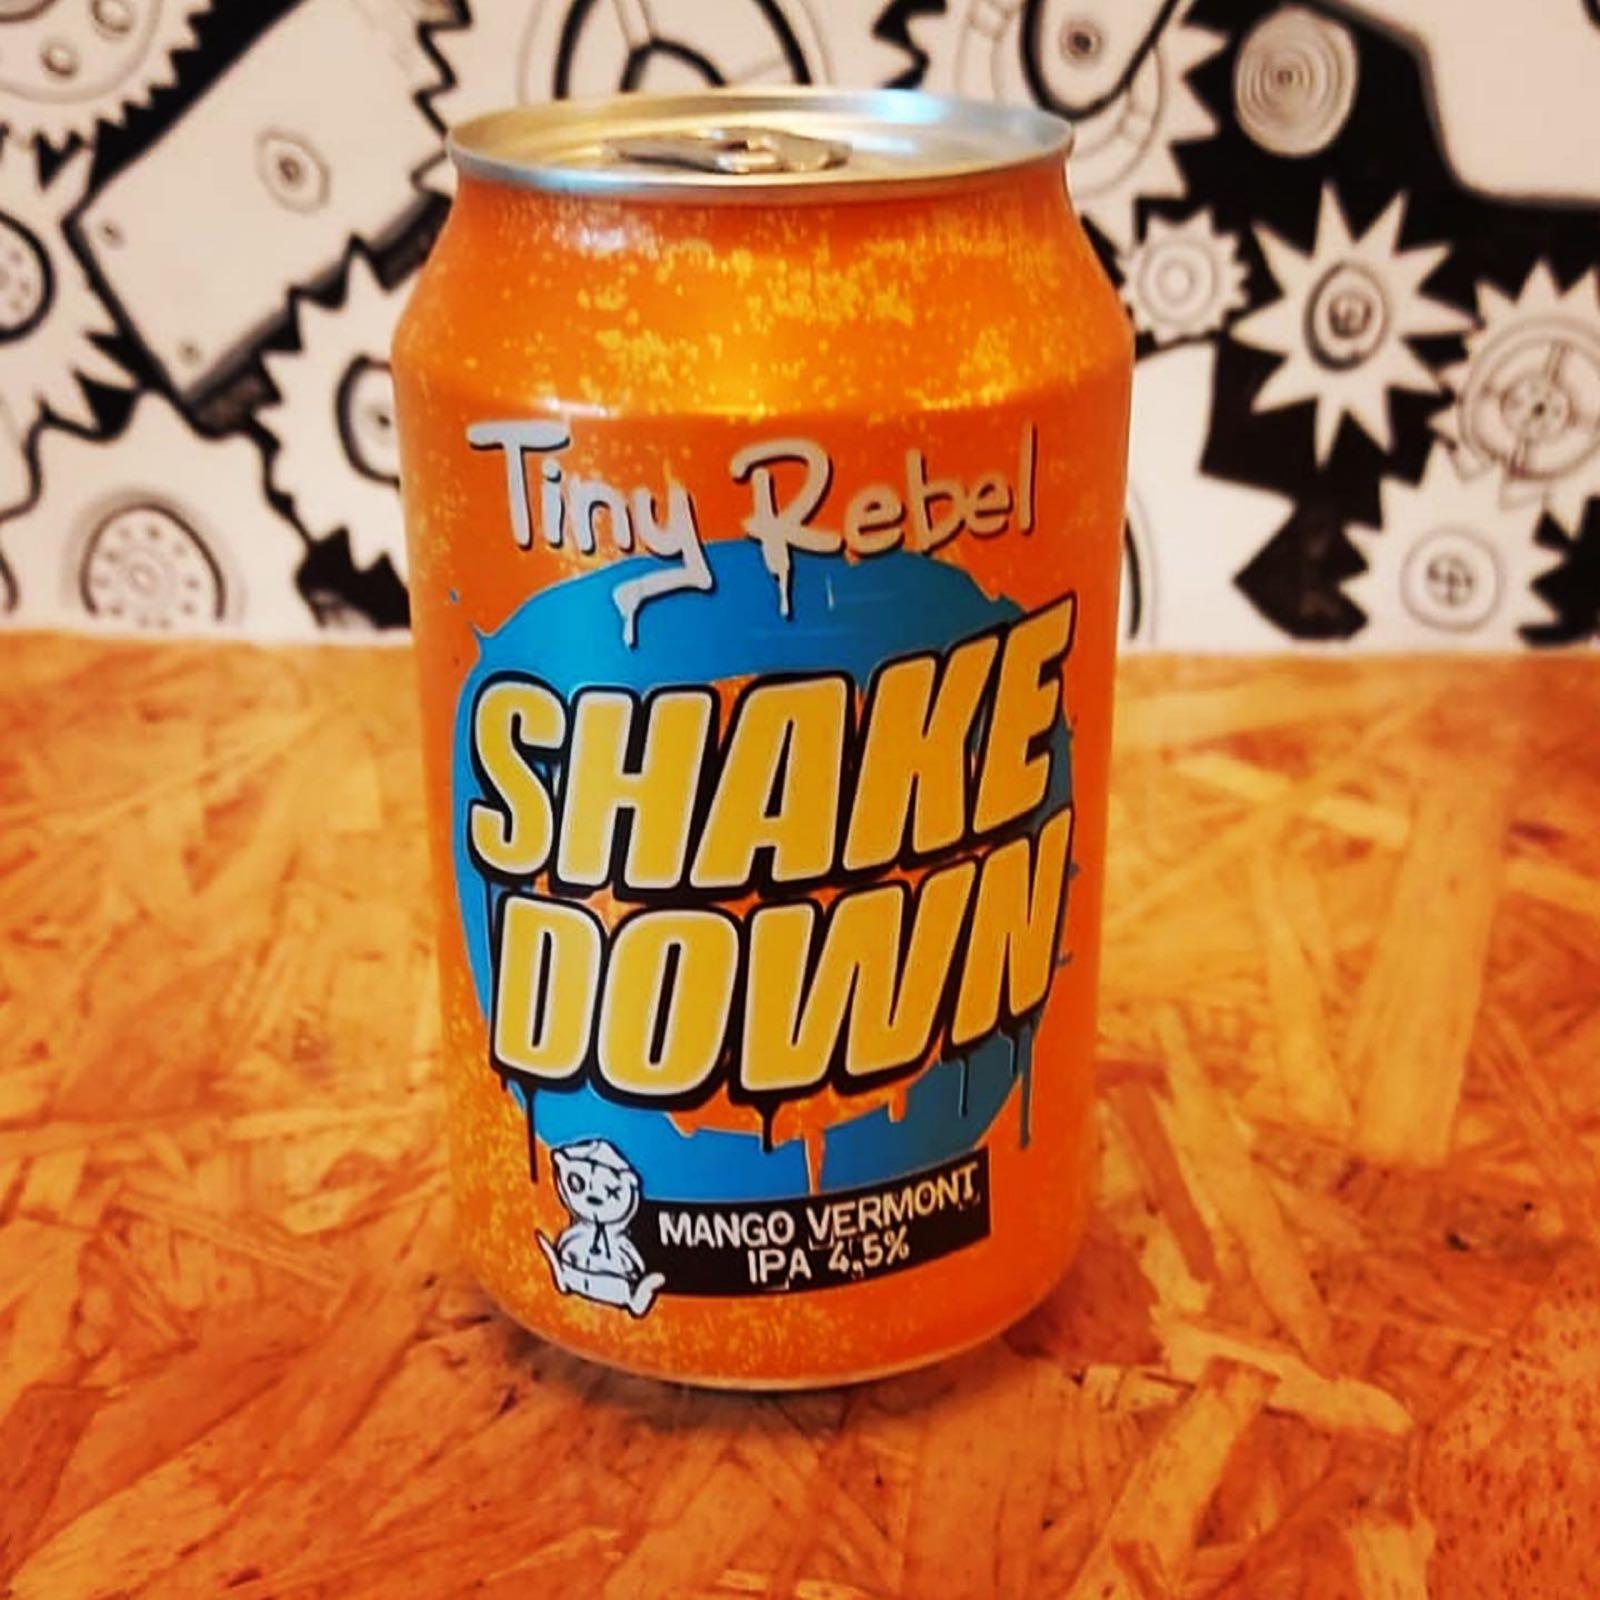 Tiny Rebel Shake Down Mango Vermont IPA 4.5%